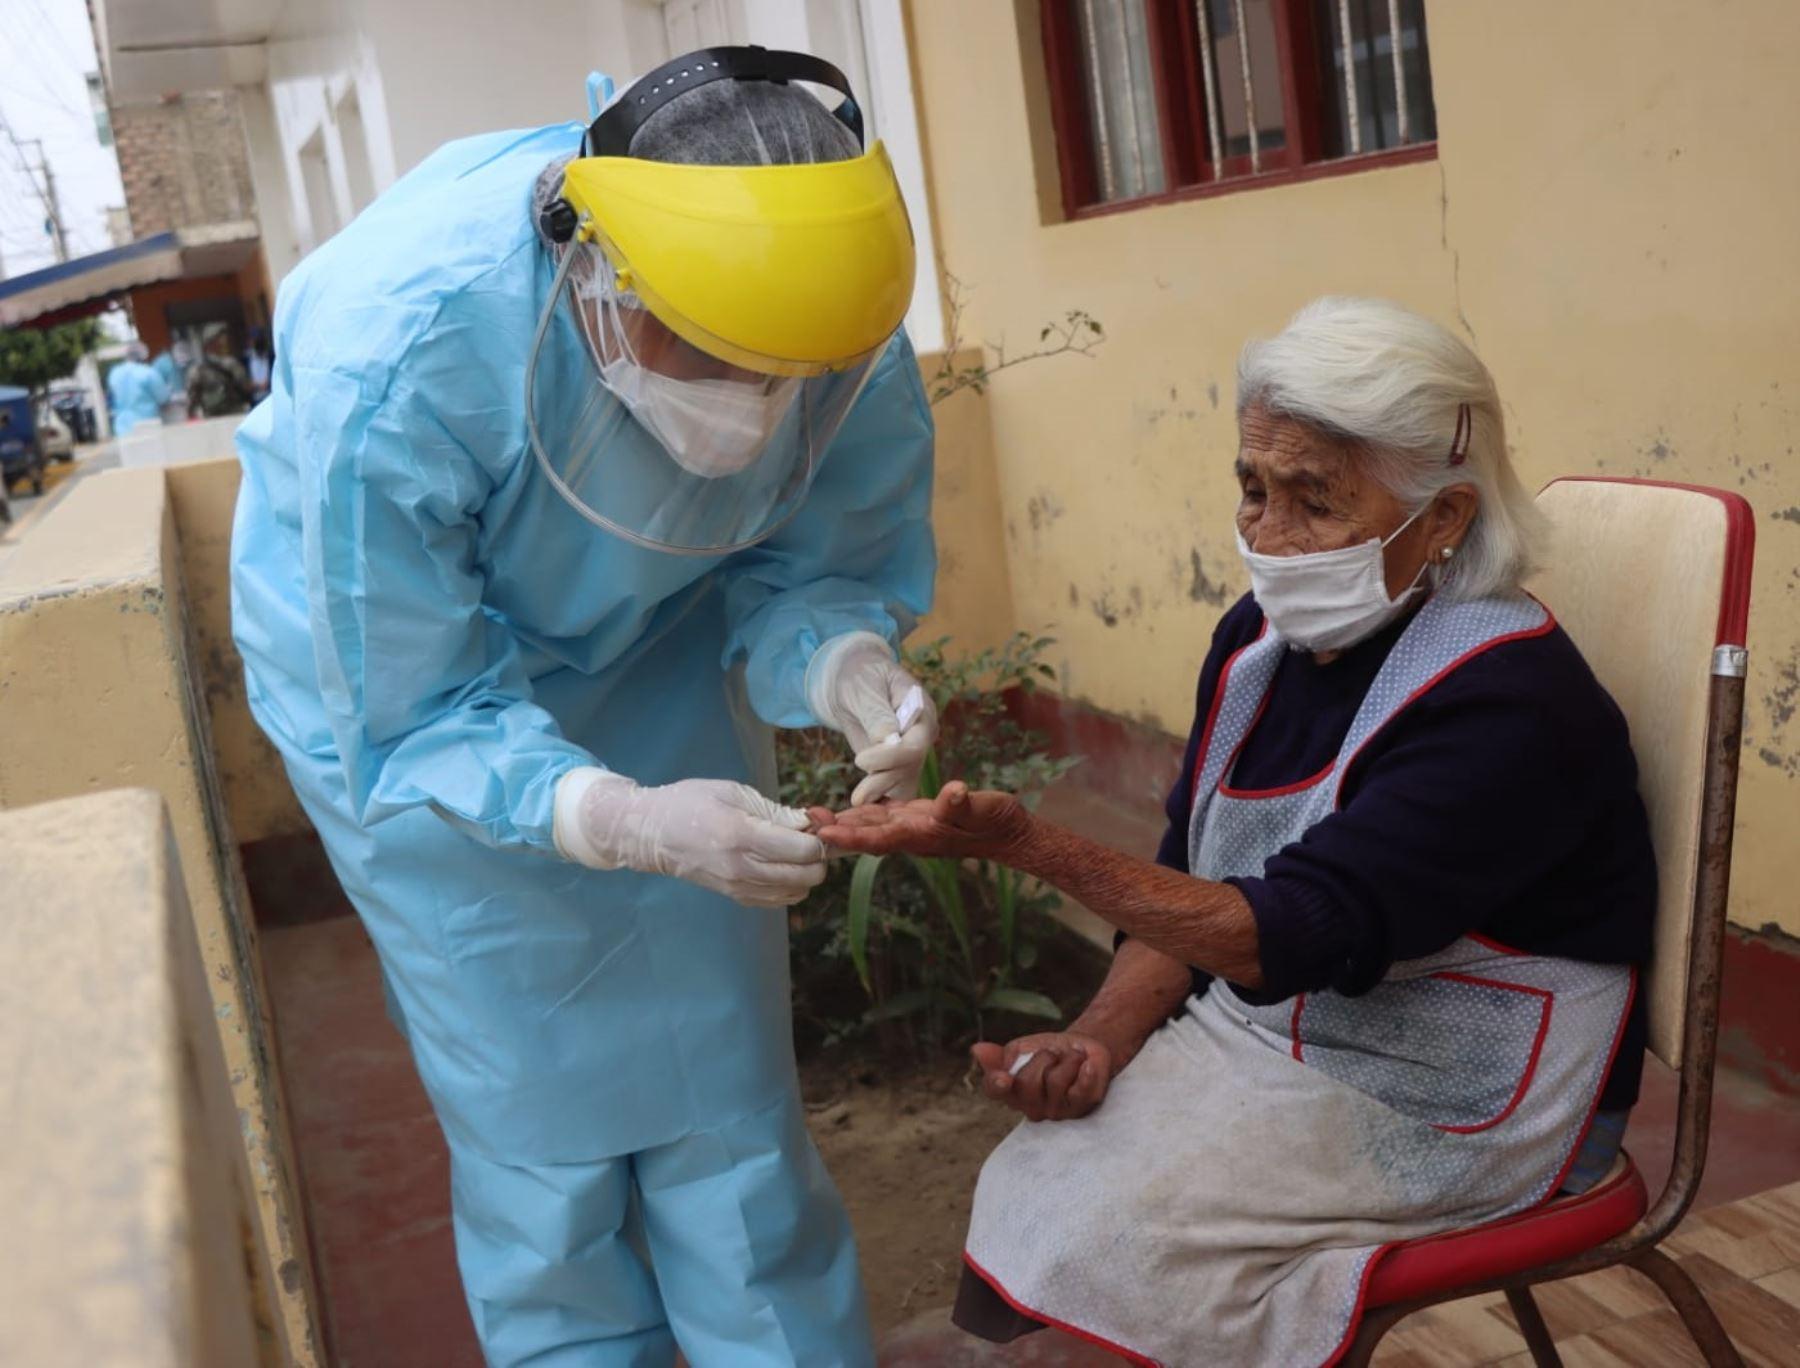 Áncash se prepara para vacunar contra la covid-19 a más de 70,000 adultos mayores. Jornada se desarrollará en las principales ciudades de dicha región. ANDINA/Difusión